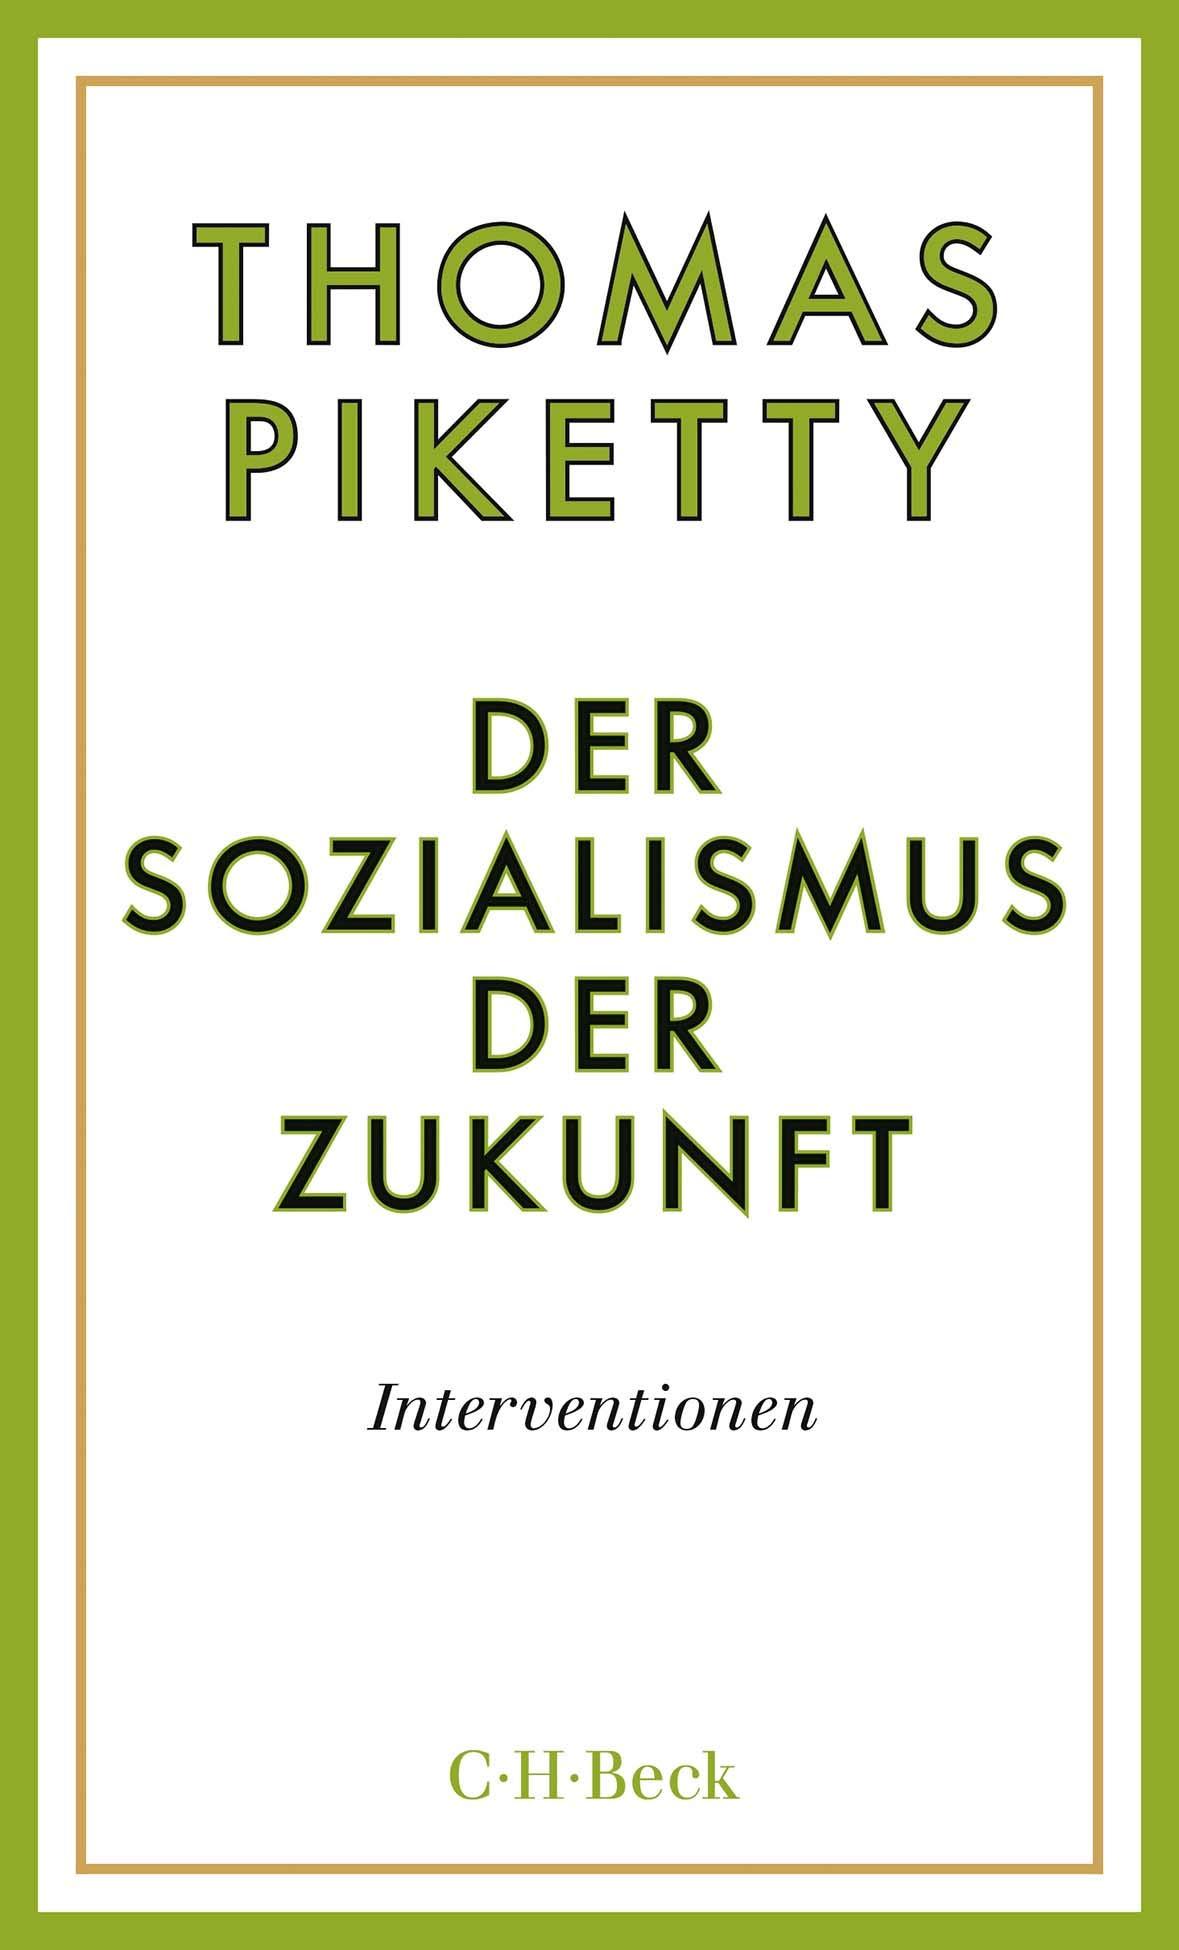 Thomas Picketty: Der Sozialismus der Zukunft